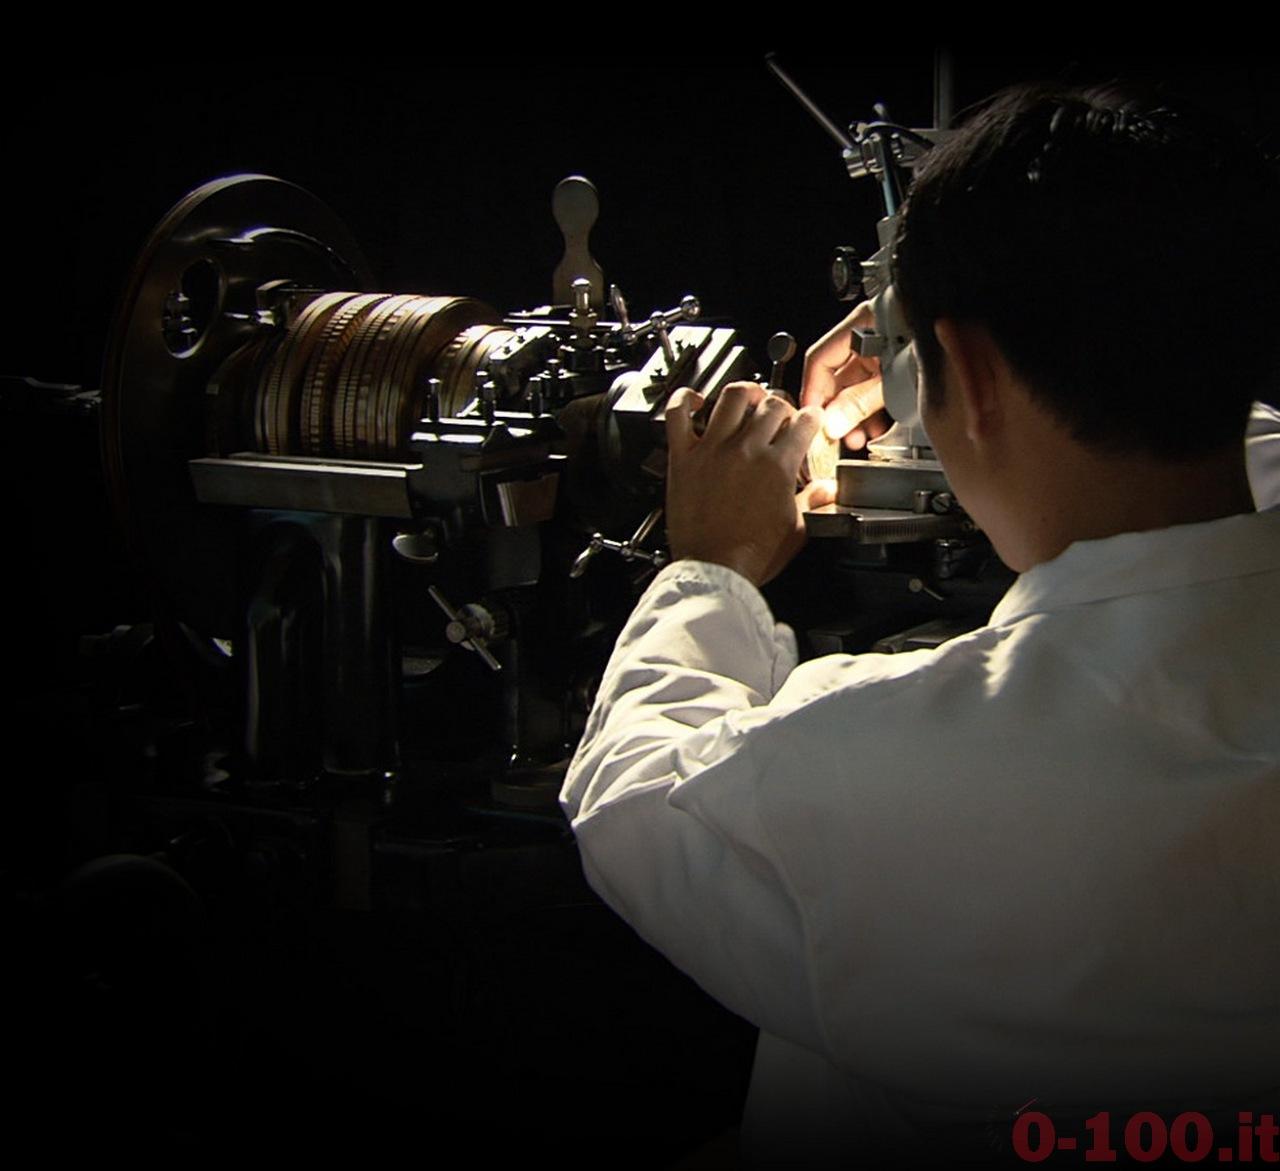 gli-speciali-di-0-100-vacheron-constantin-ginevra-dove-produrre-un-orologio-e-un-mestiere-darte_0-1009